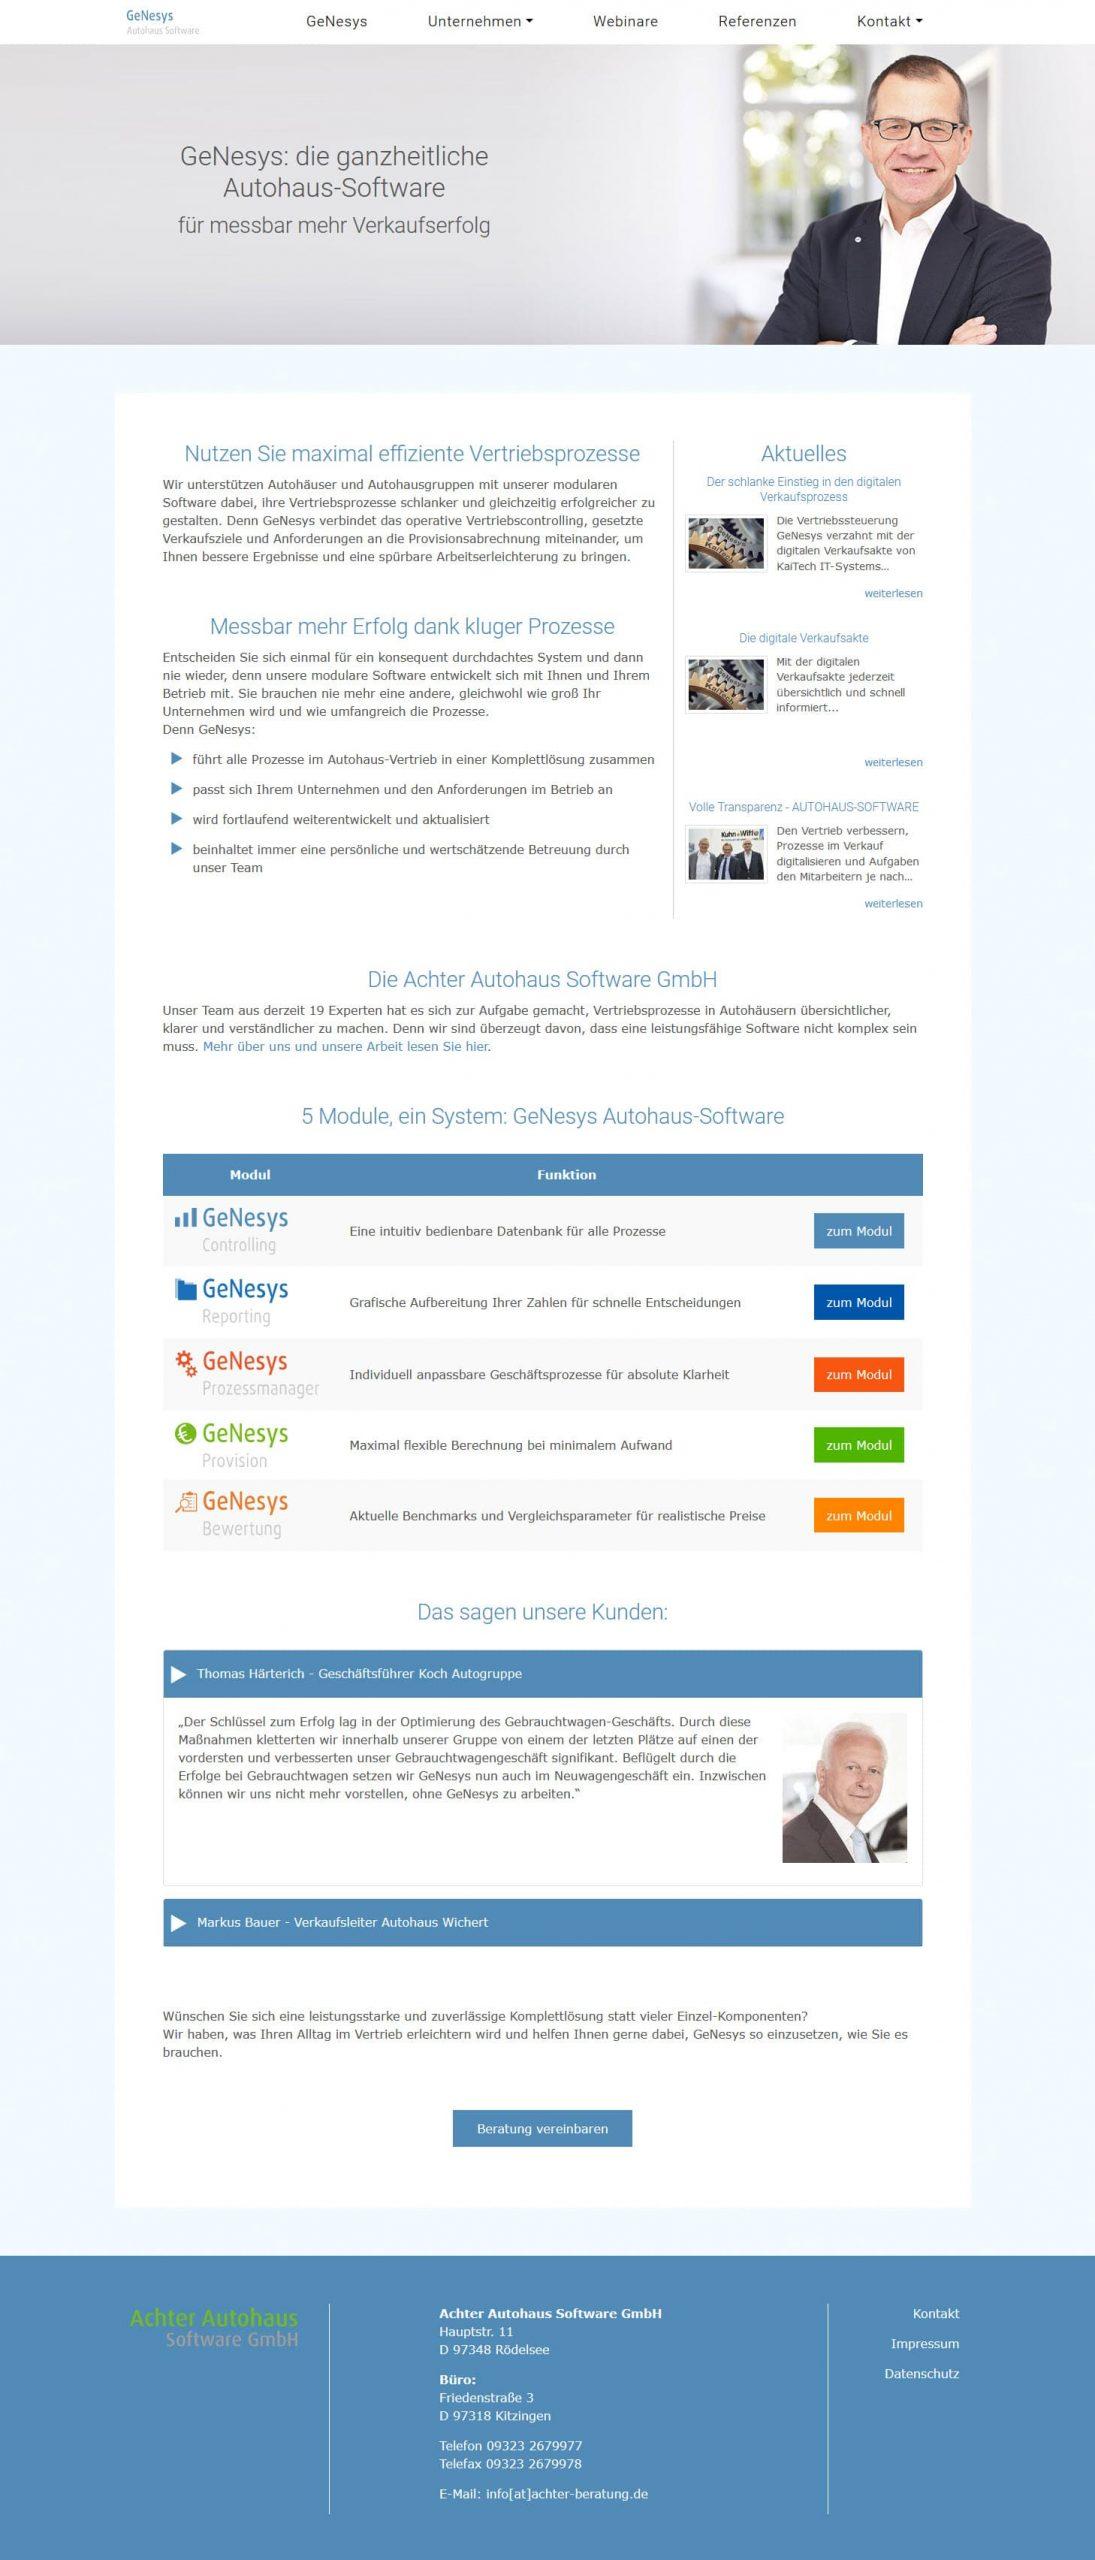 TYPO3 Internetauftritt - Achter Autohaus Software